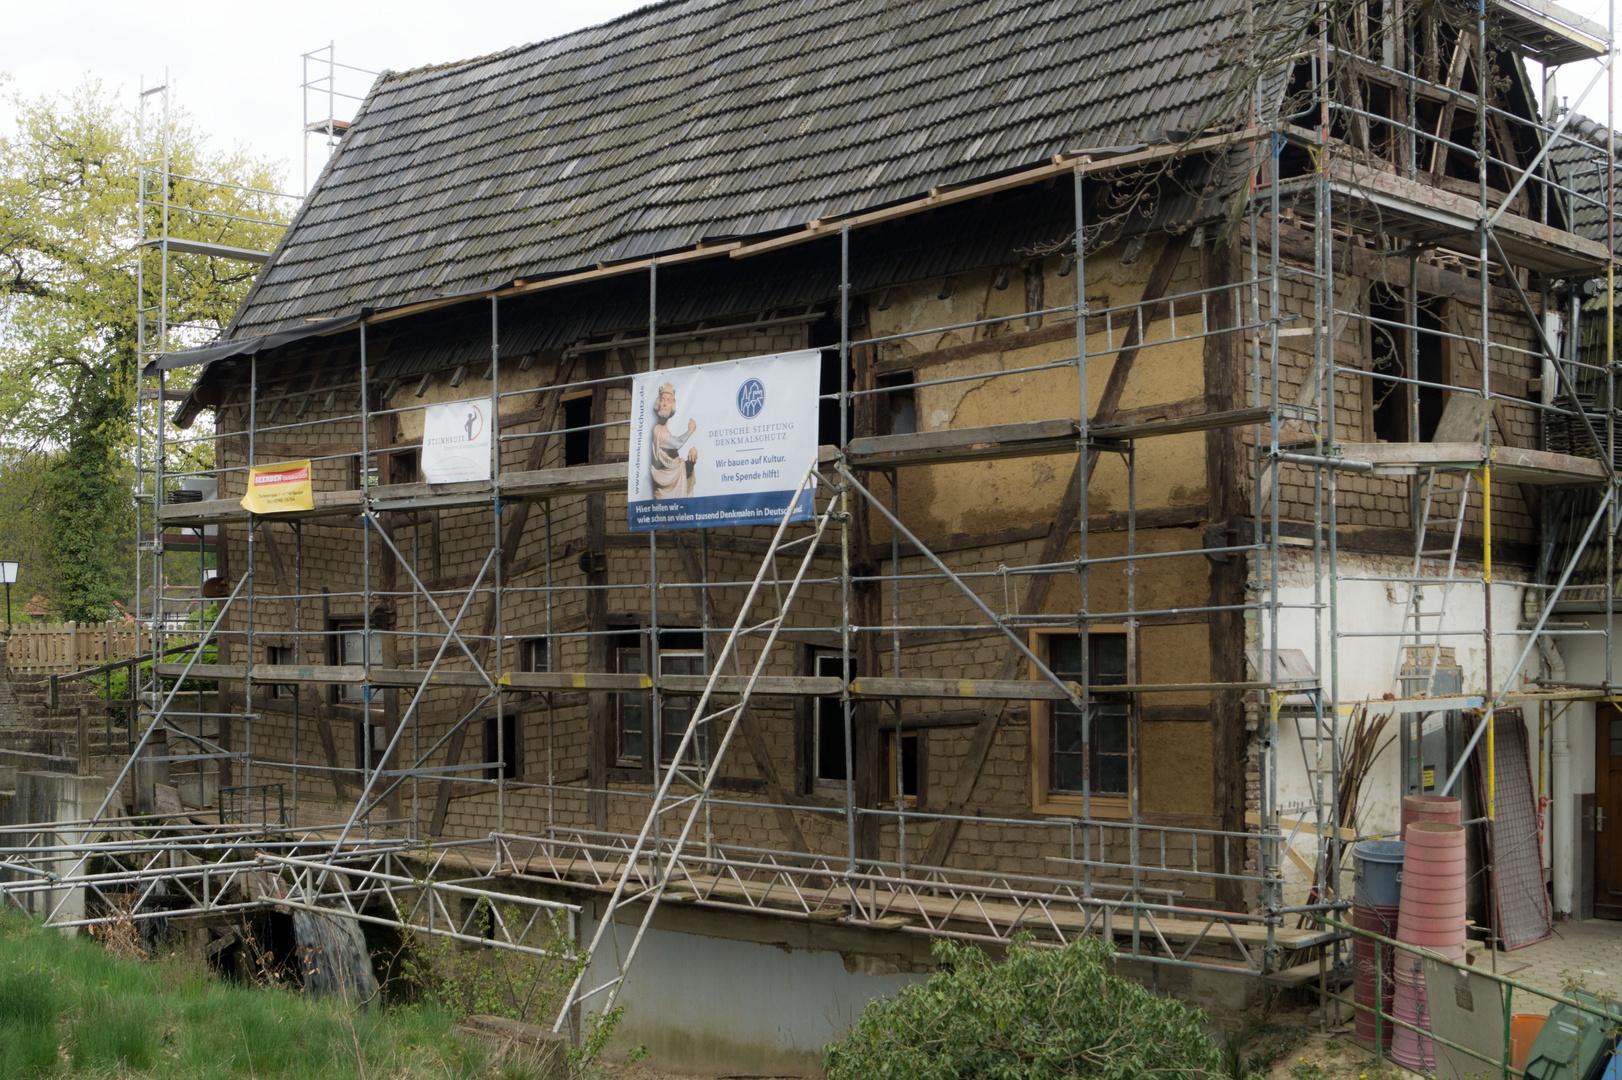 Baustelle Tüschenbroicher Mühle Update